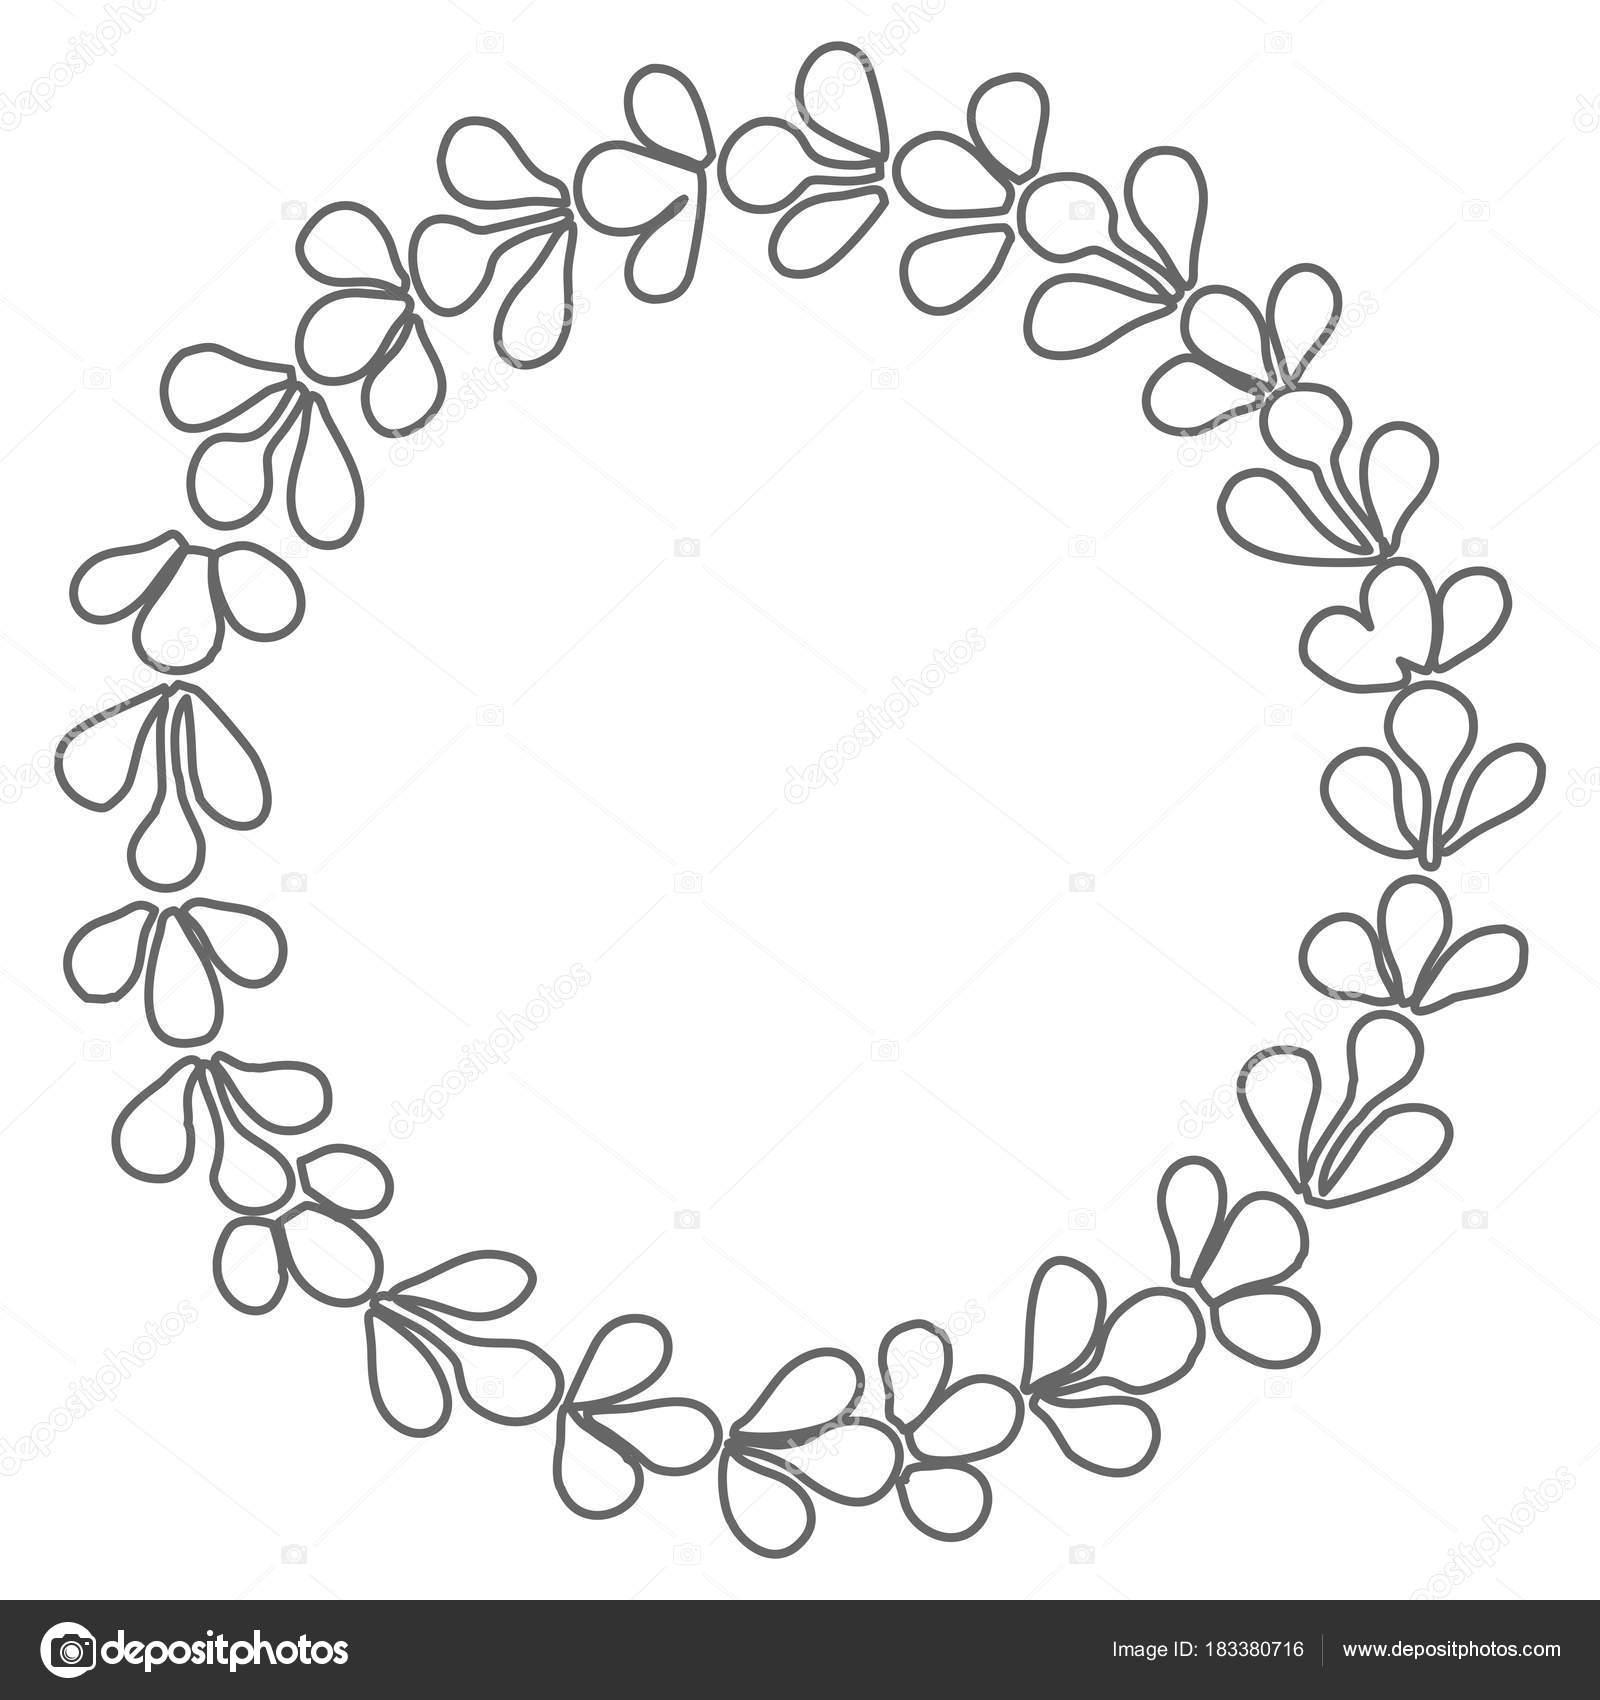 Schwarz Weiß Lorbeer Kranz Vektor Rahmen — Stockvektor © mala-ma ...